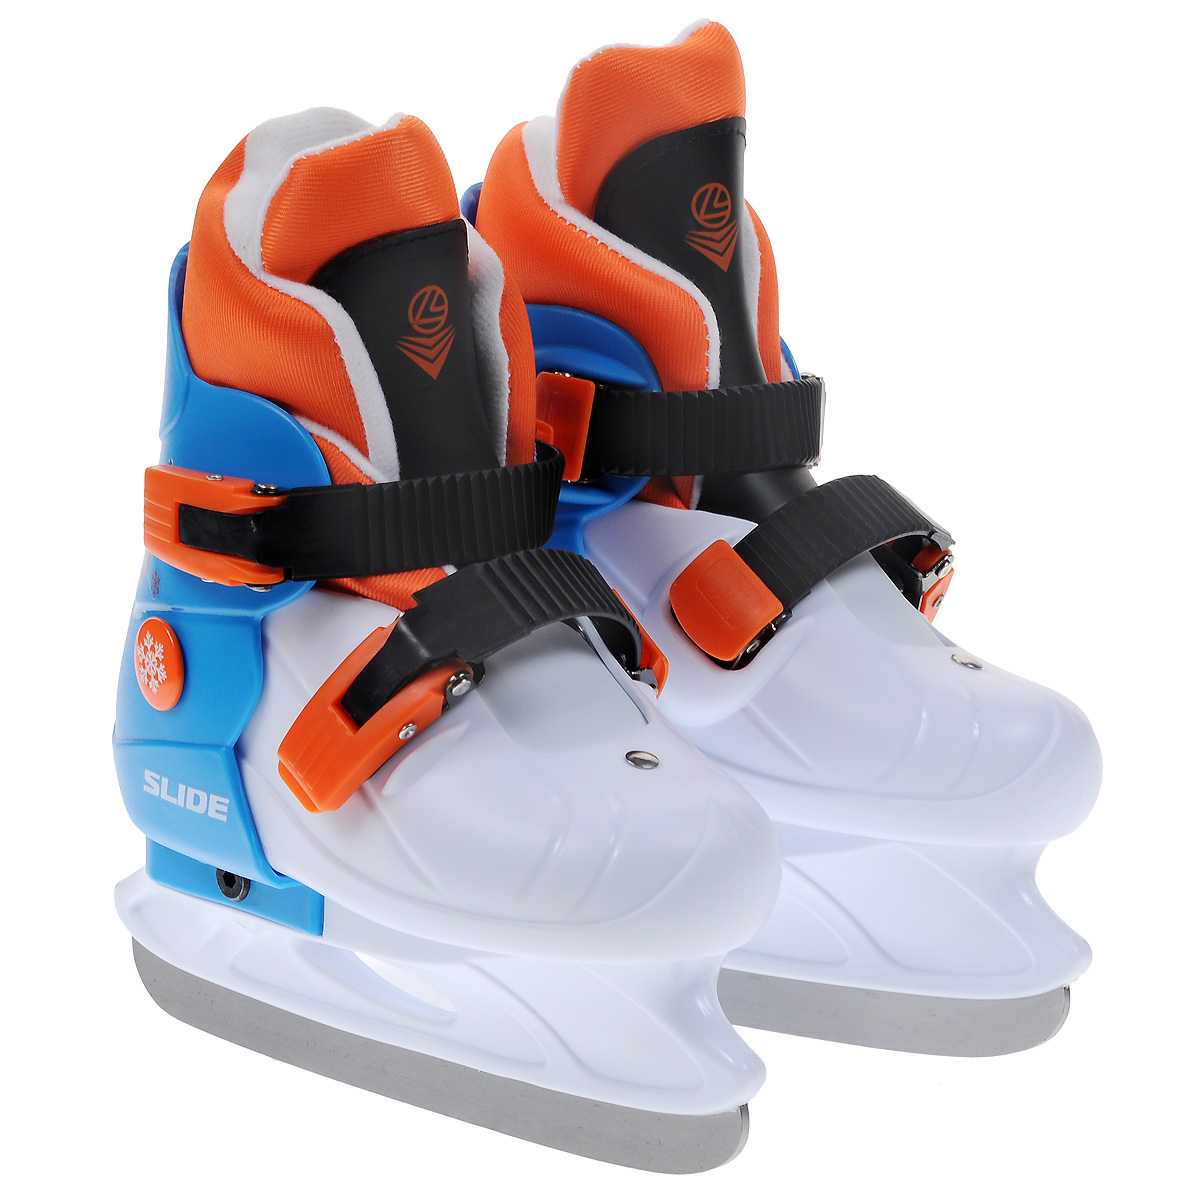 Коньки ледовые детские Larsen Slide, раздвижные, цвет: белый, голубой, оранжевый. Размер M (33/36)